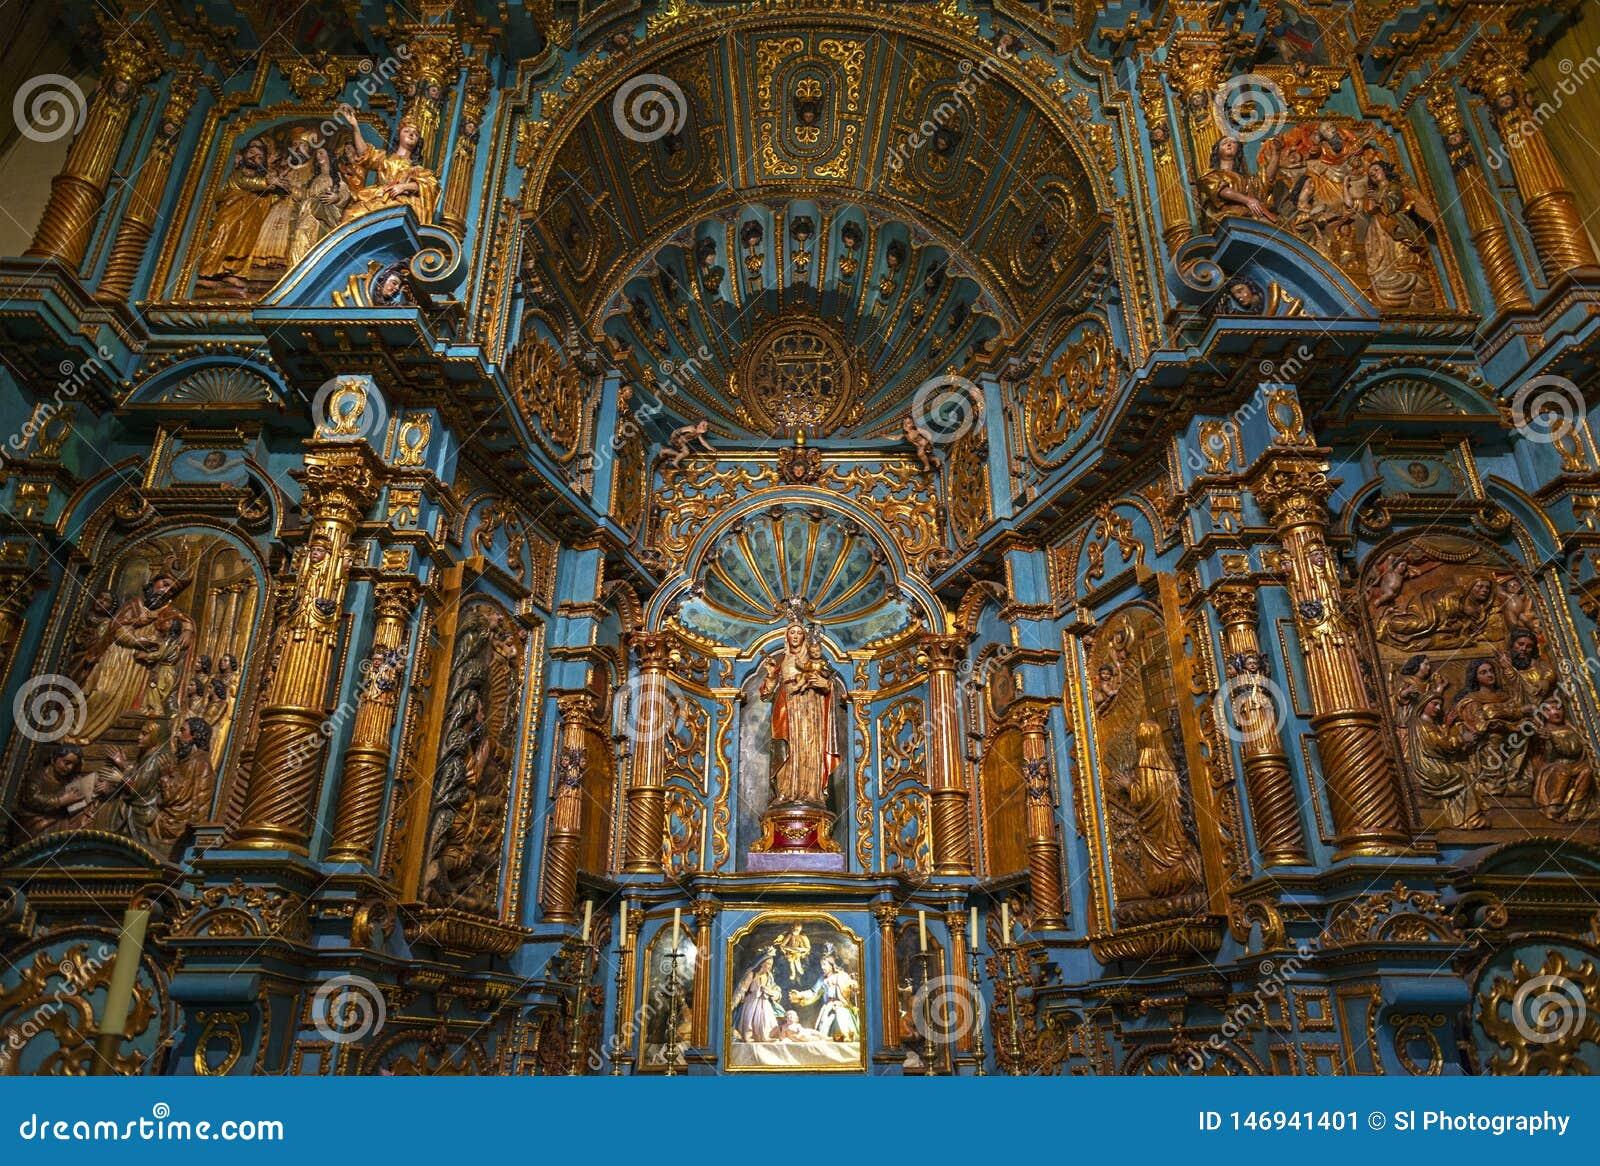 Lima Metropolitan Cathedral Baroque Interior, Peru